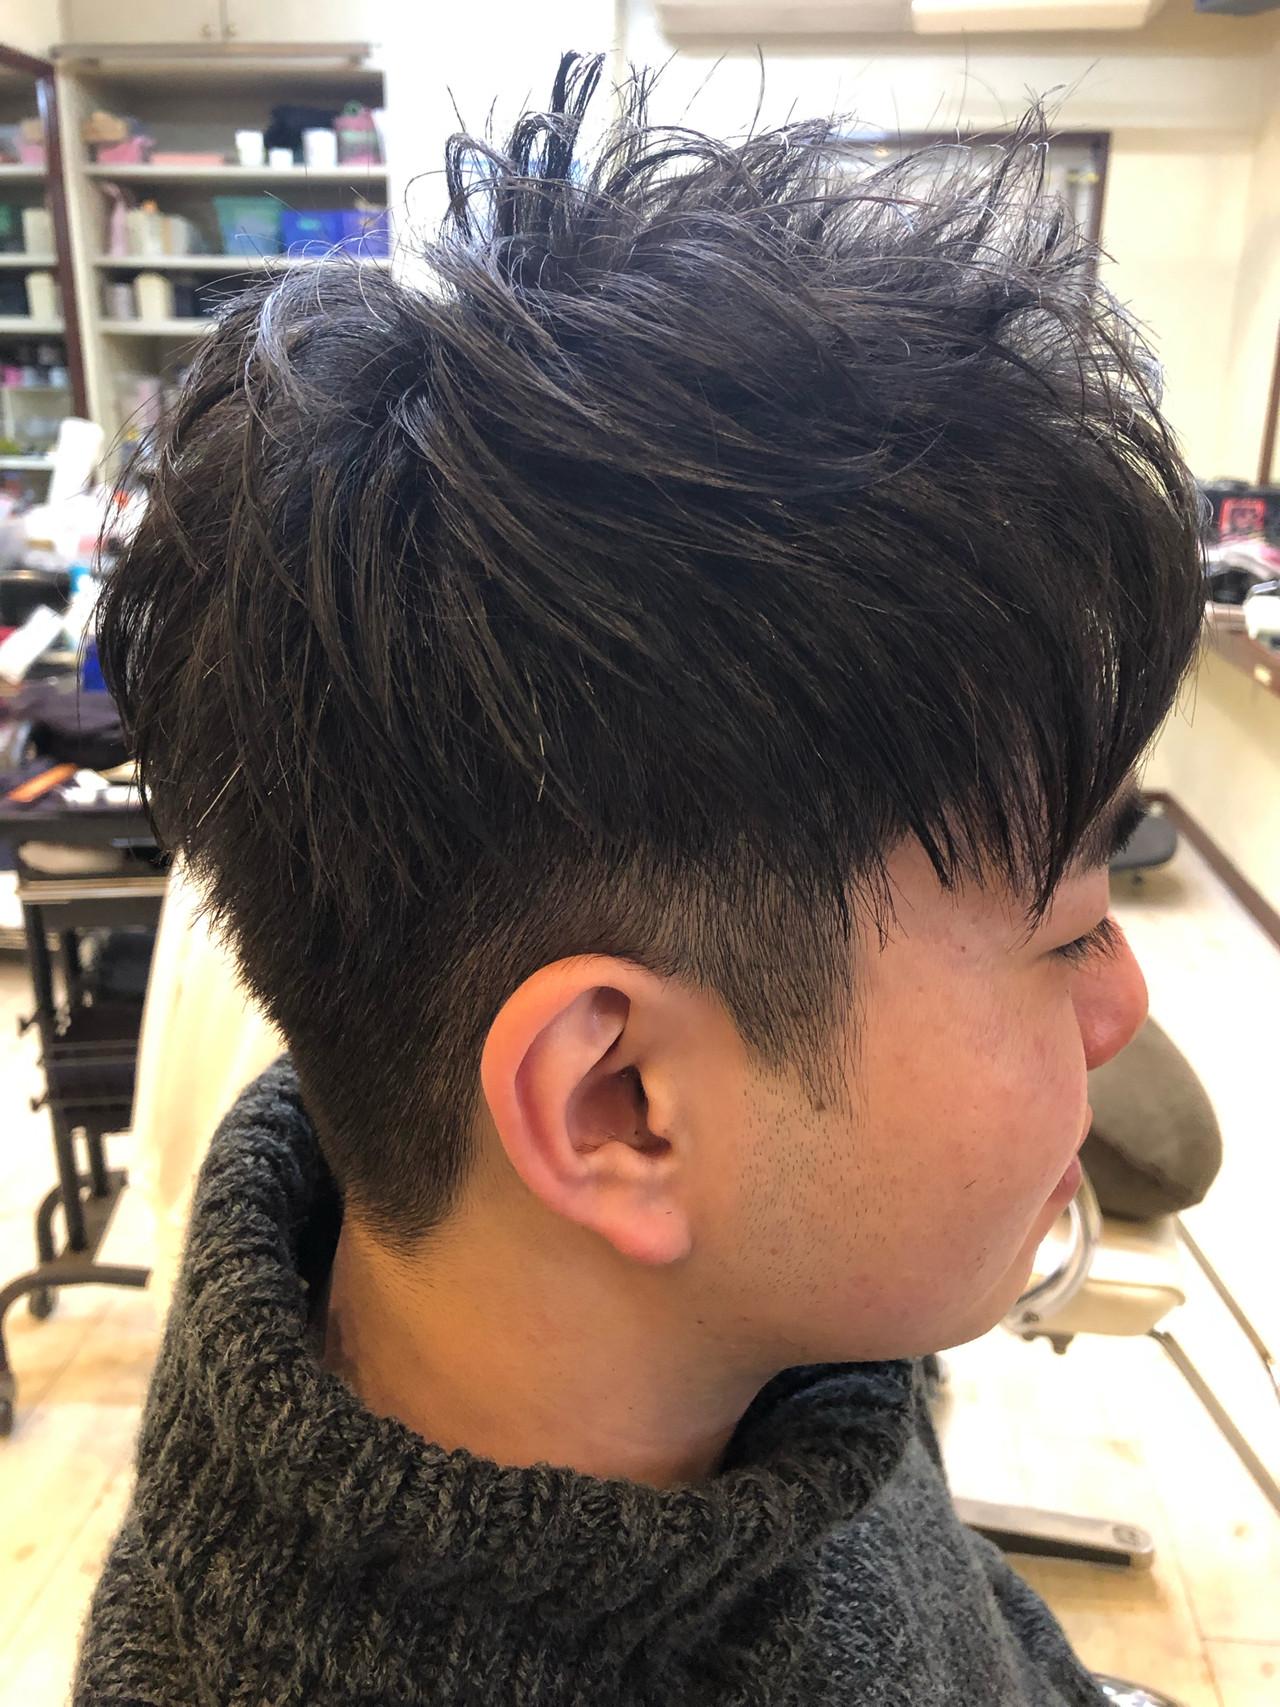 ナチュラル メンズカジュアル 成人式 メンズ ヘアスタイルや髪型の写真・画像   TMe hair/tomoe chiba / TMe hair川崎小田